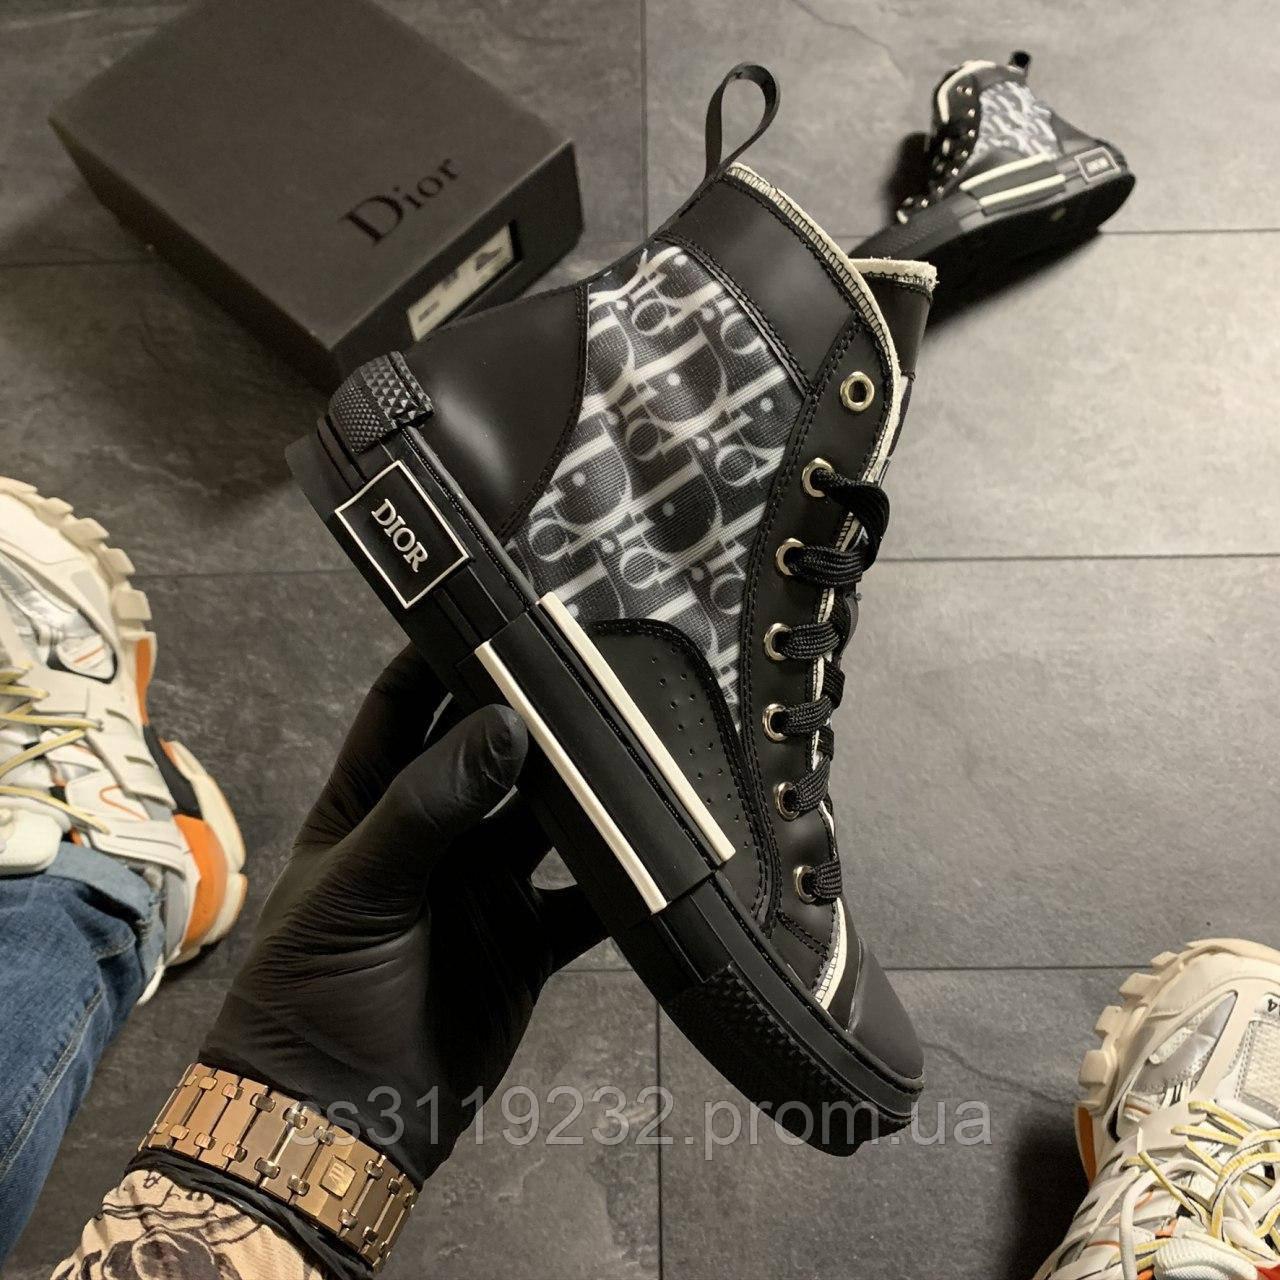 Женские кроссовки Dior B23 High-Top Sneakers Black (черный)